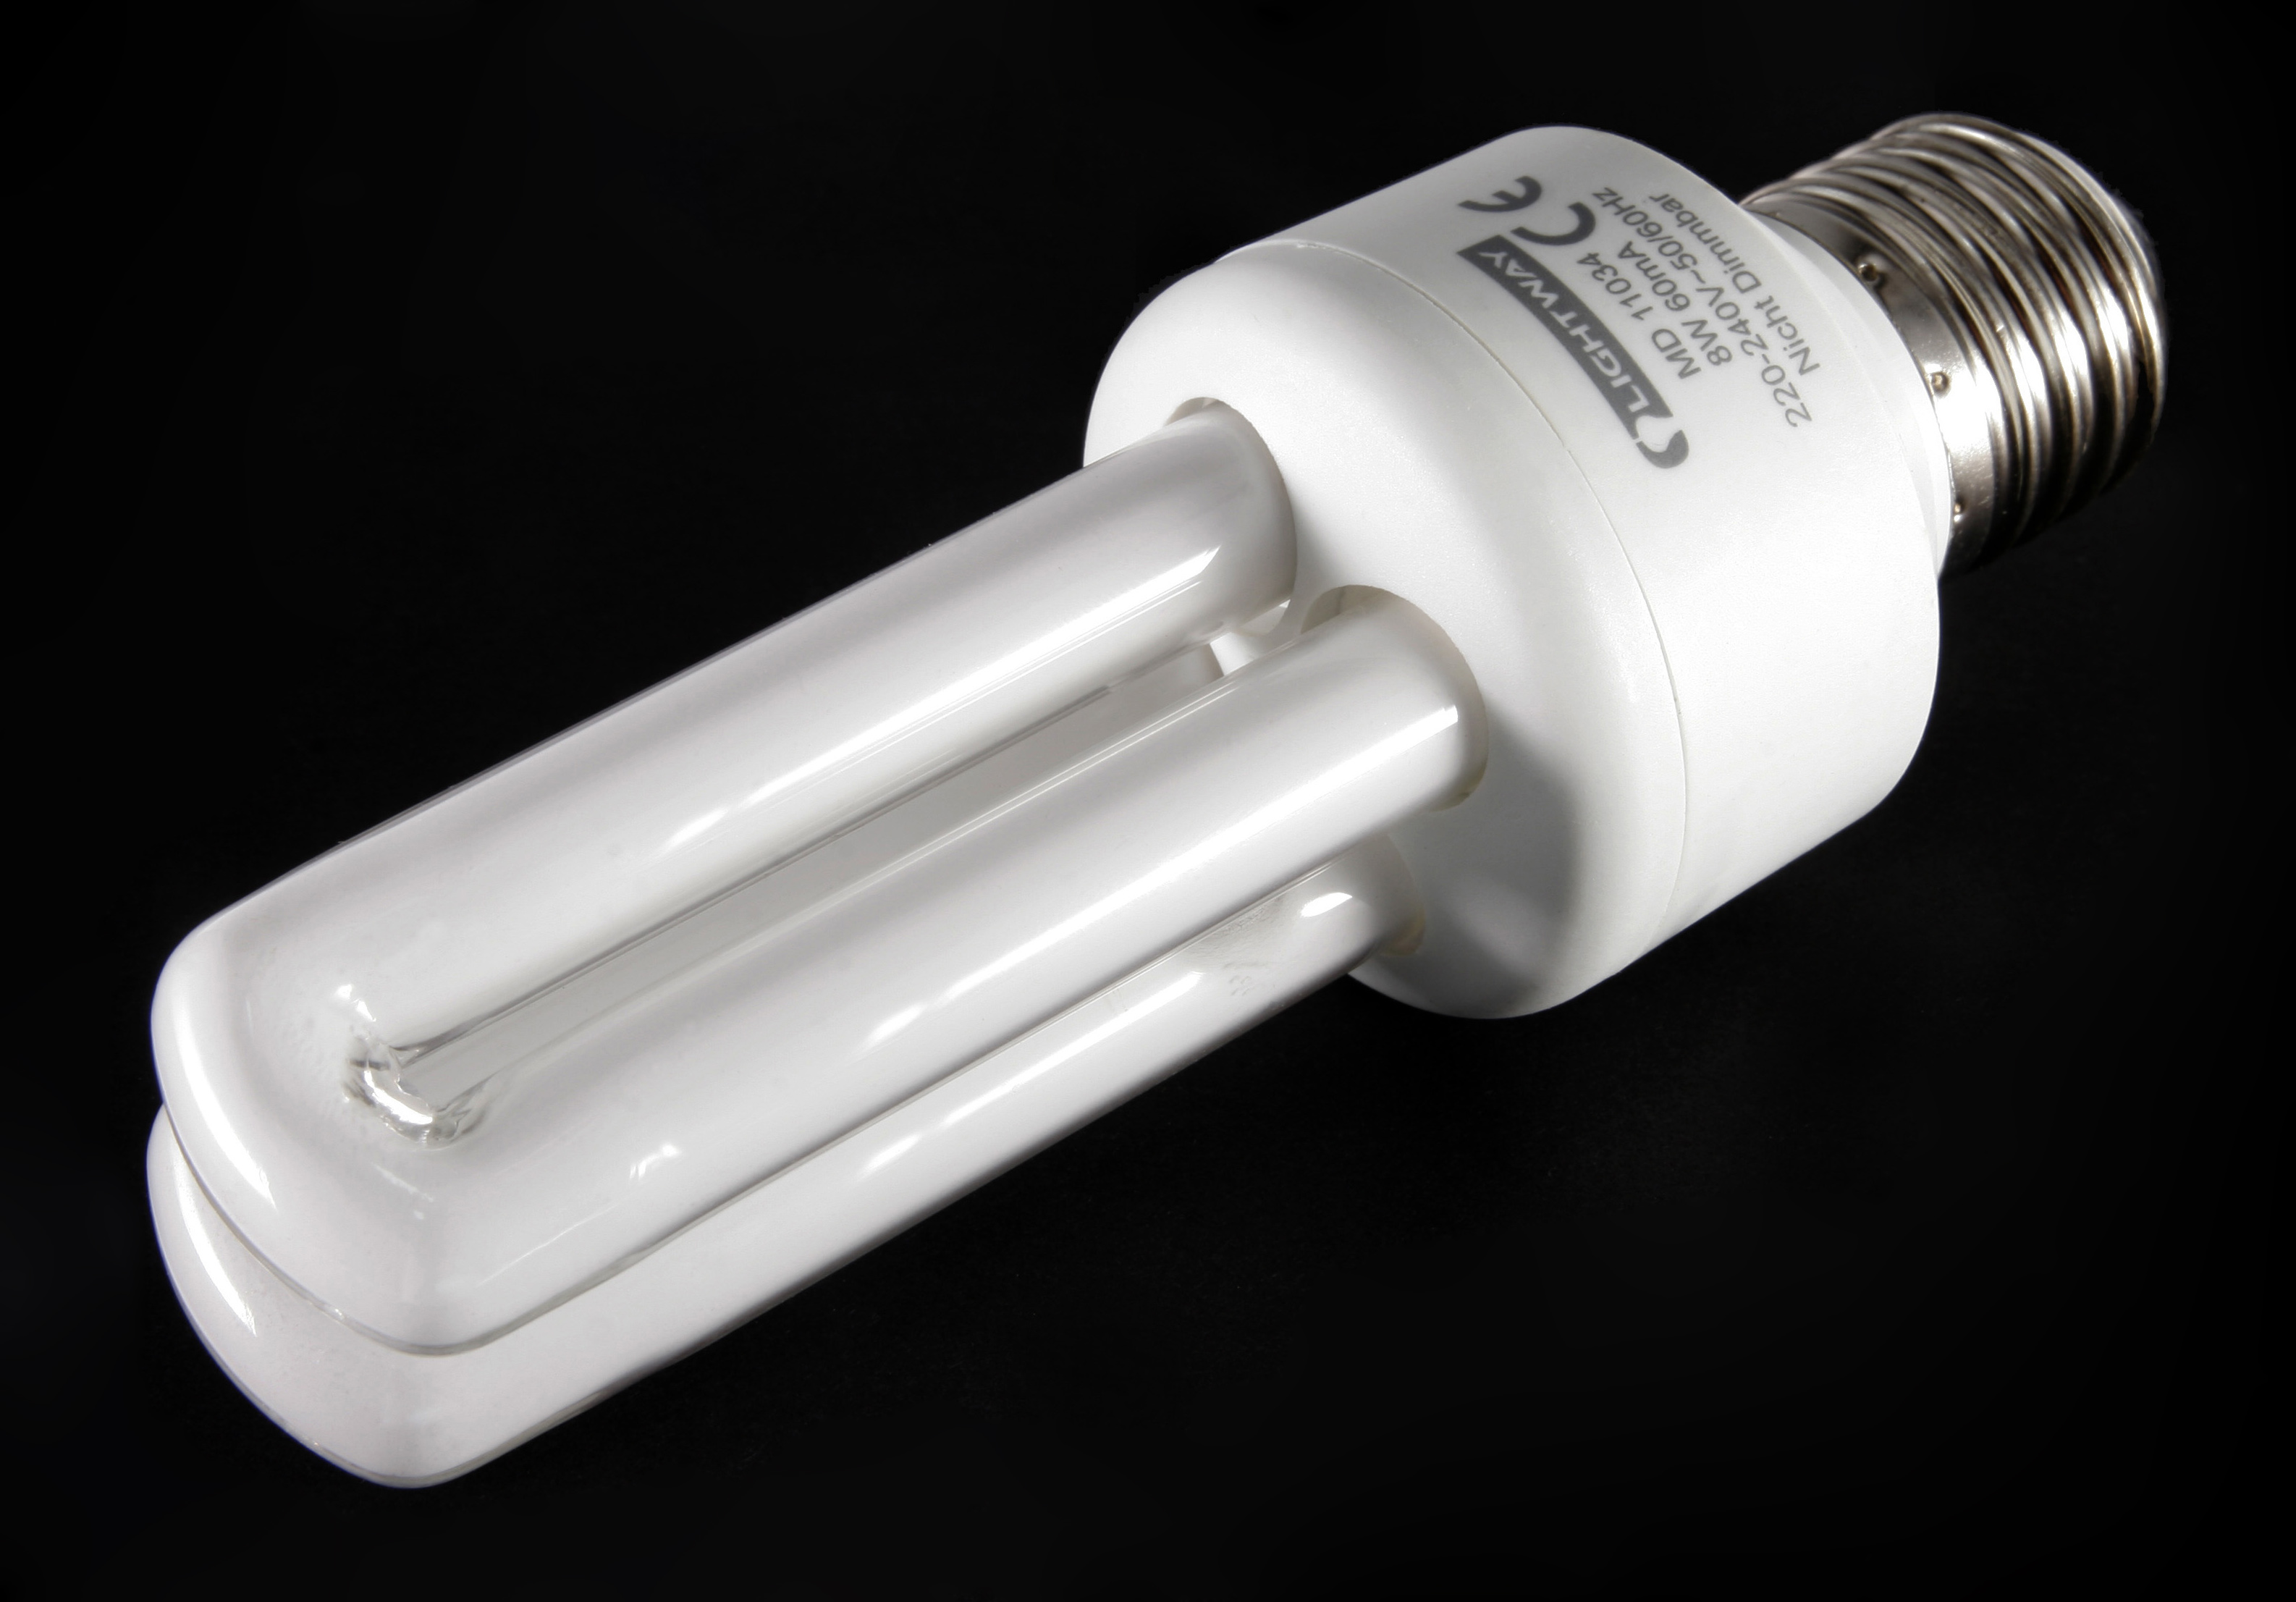 Kompaktleuchtstofflampe wikipedia kompaktleuchtstofflampe energiesparlampe mit integriertem vorschaltgert evg und edison schraubsockel e27 parisarafo Gallery